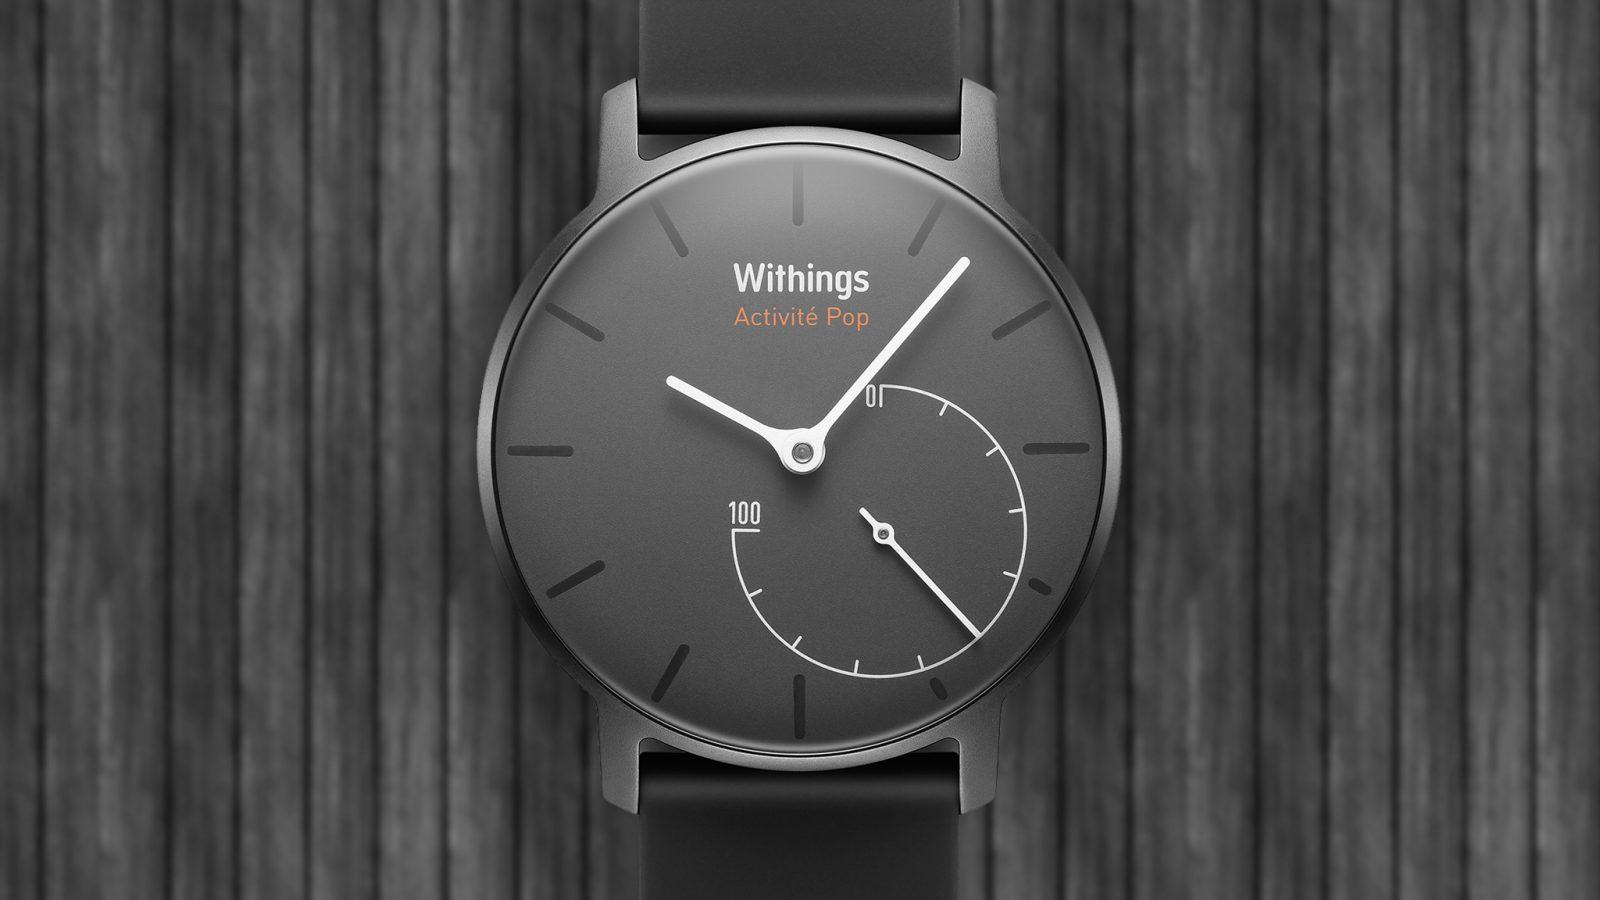 Recenzja Withings Activite Pop – fitness watch w dobrej cenie i o interesującym wzornictwie